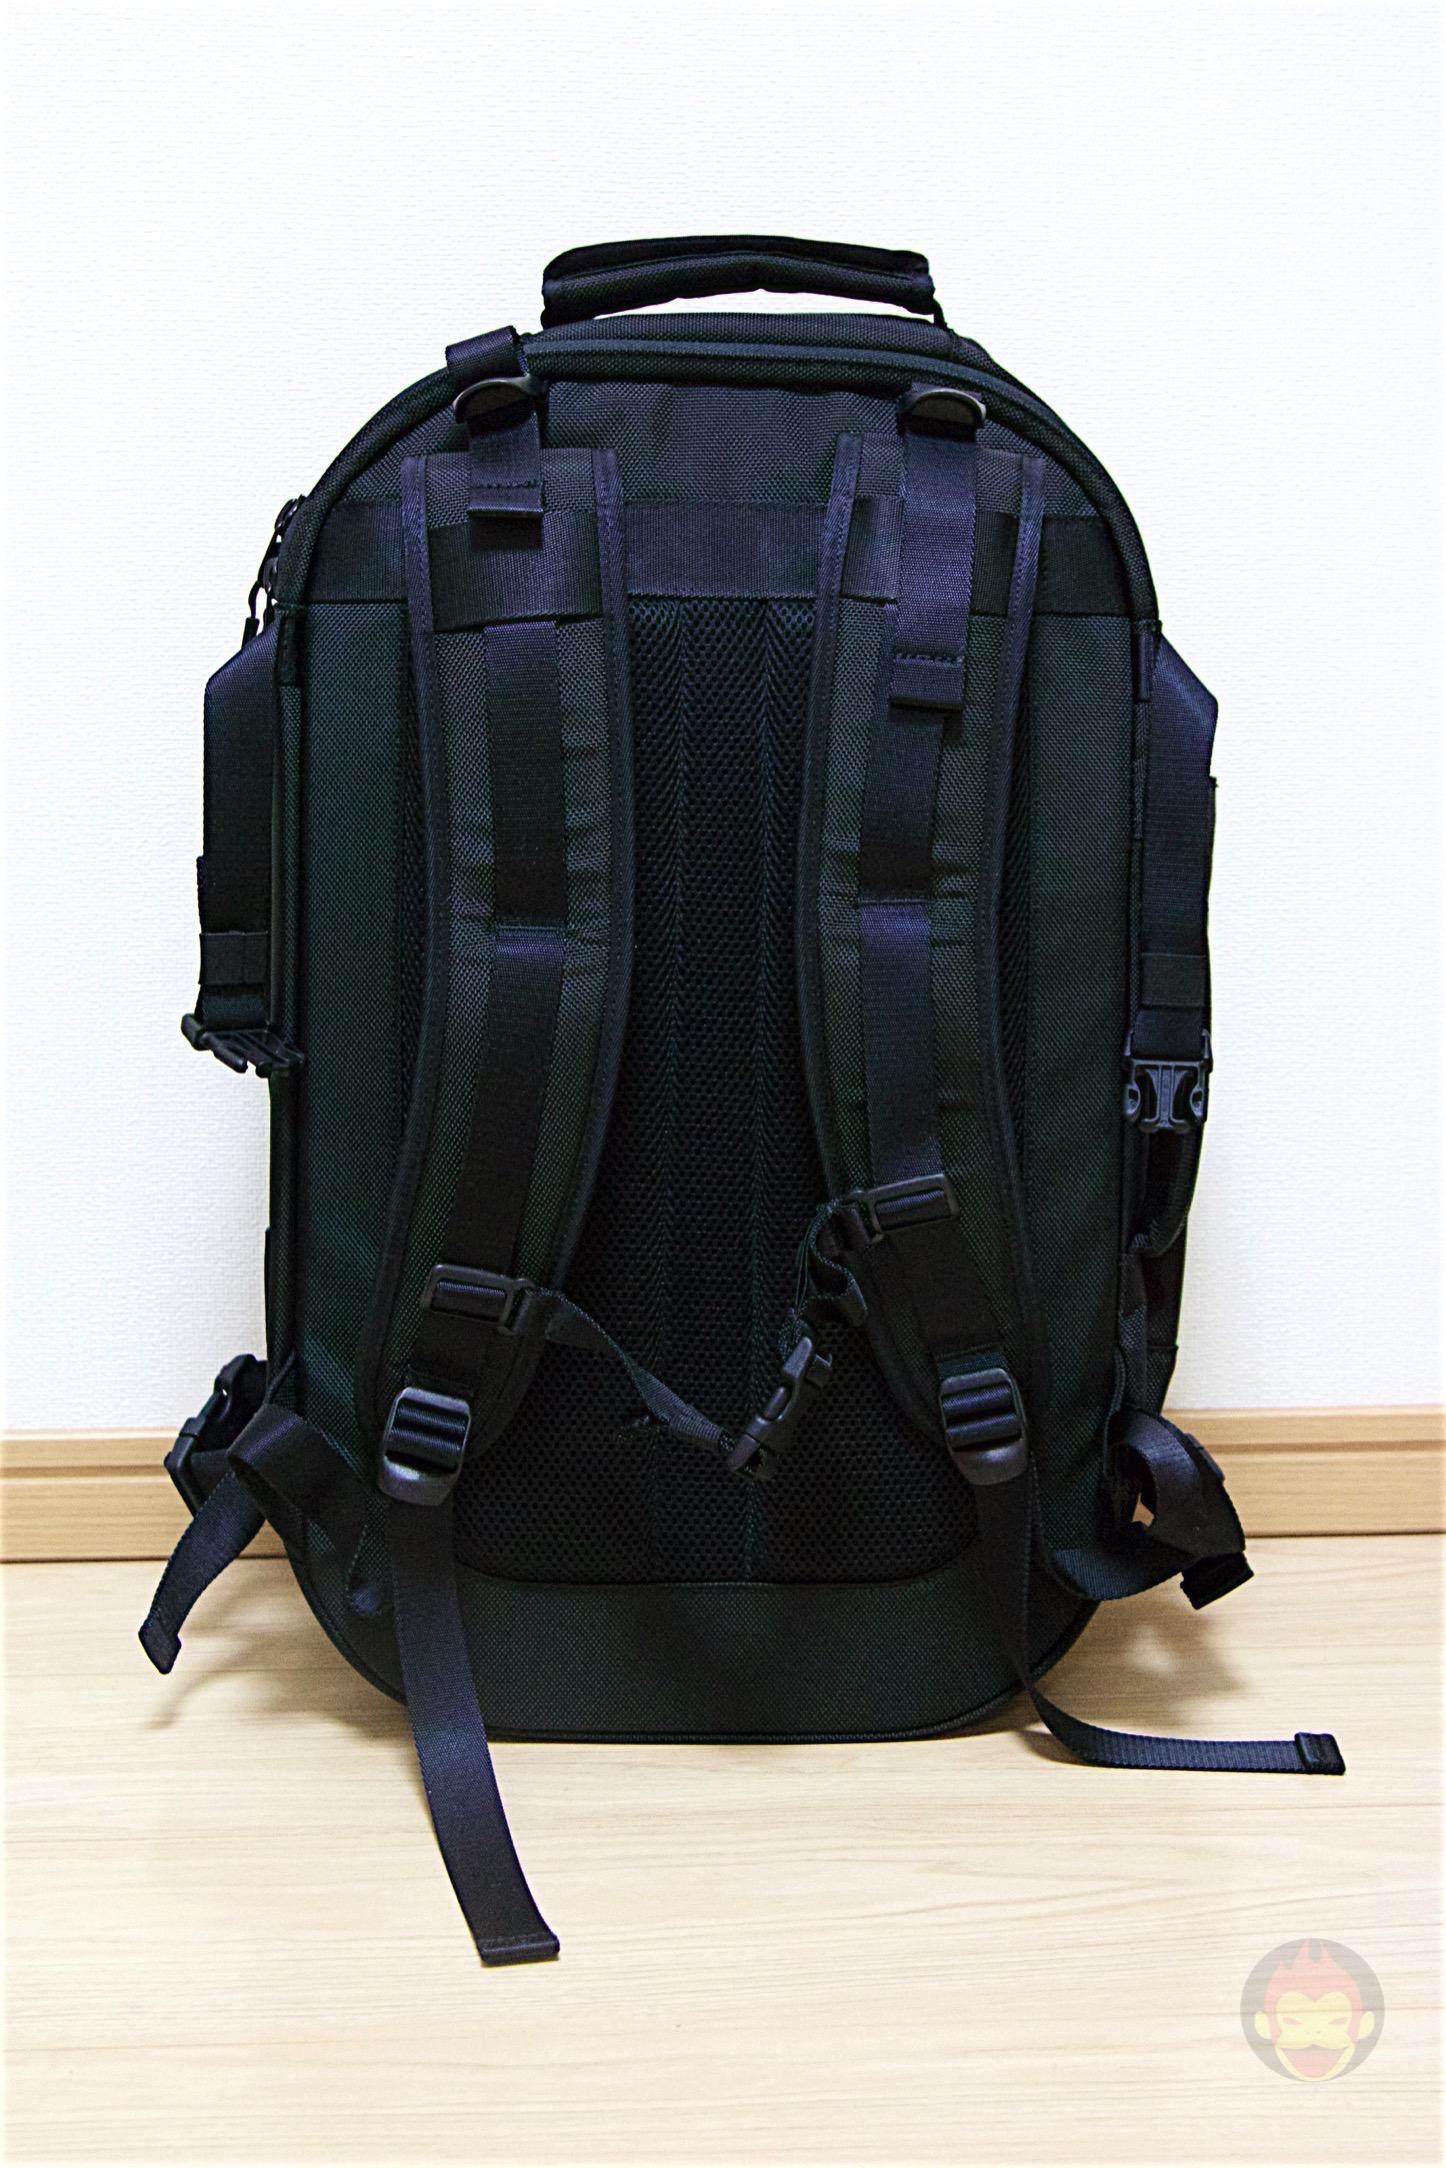 Aer-Travel-BackPack-on-Kickstarter-11.jpg